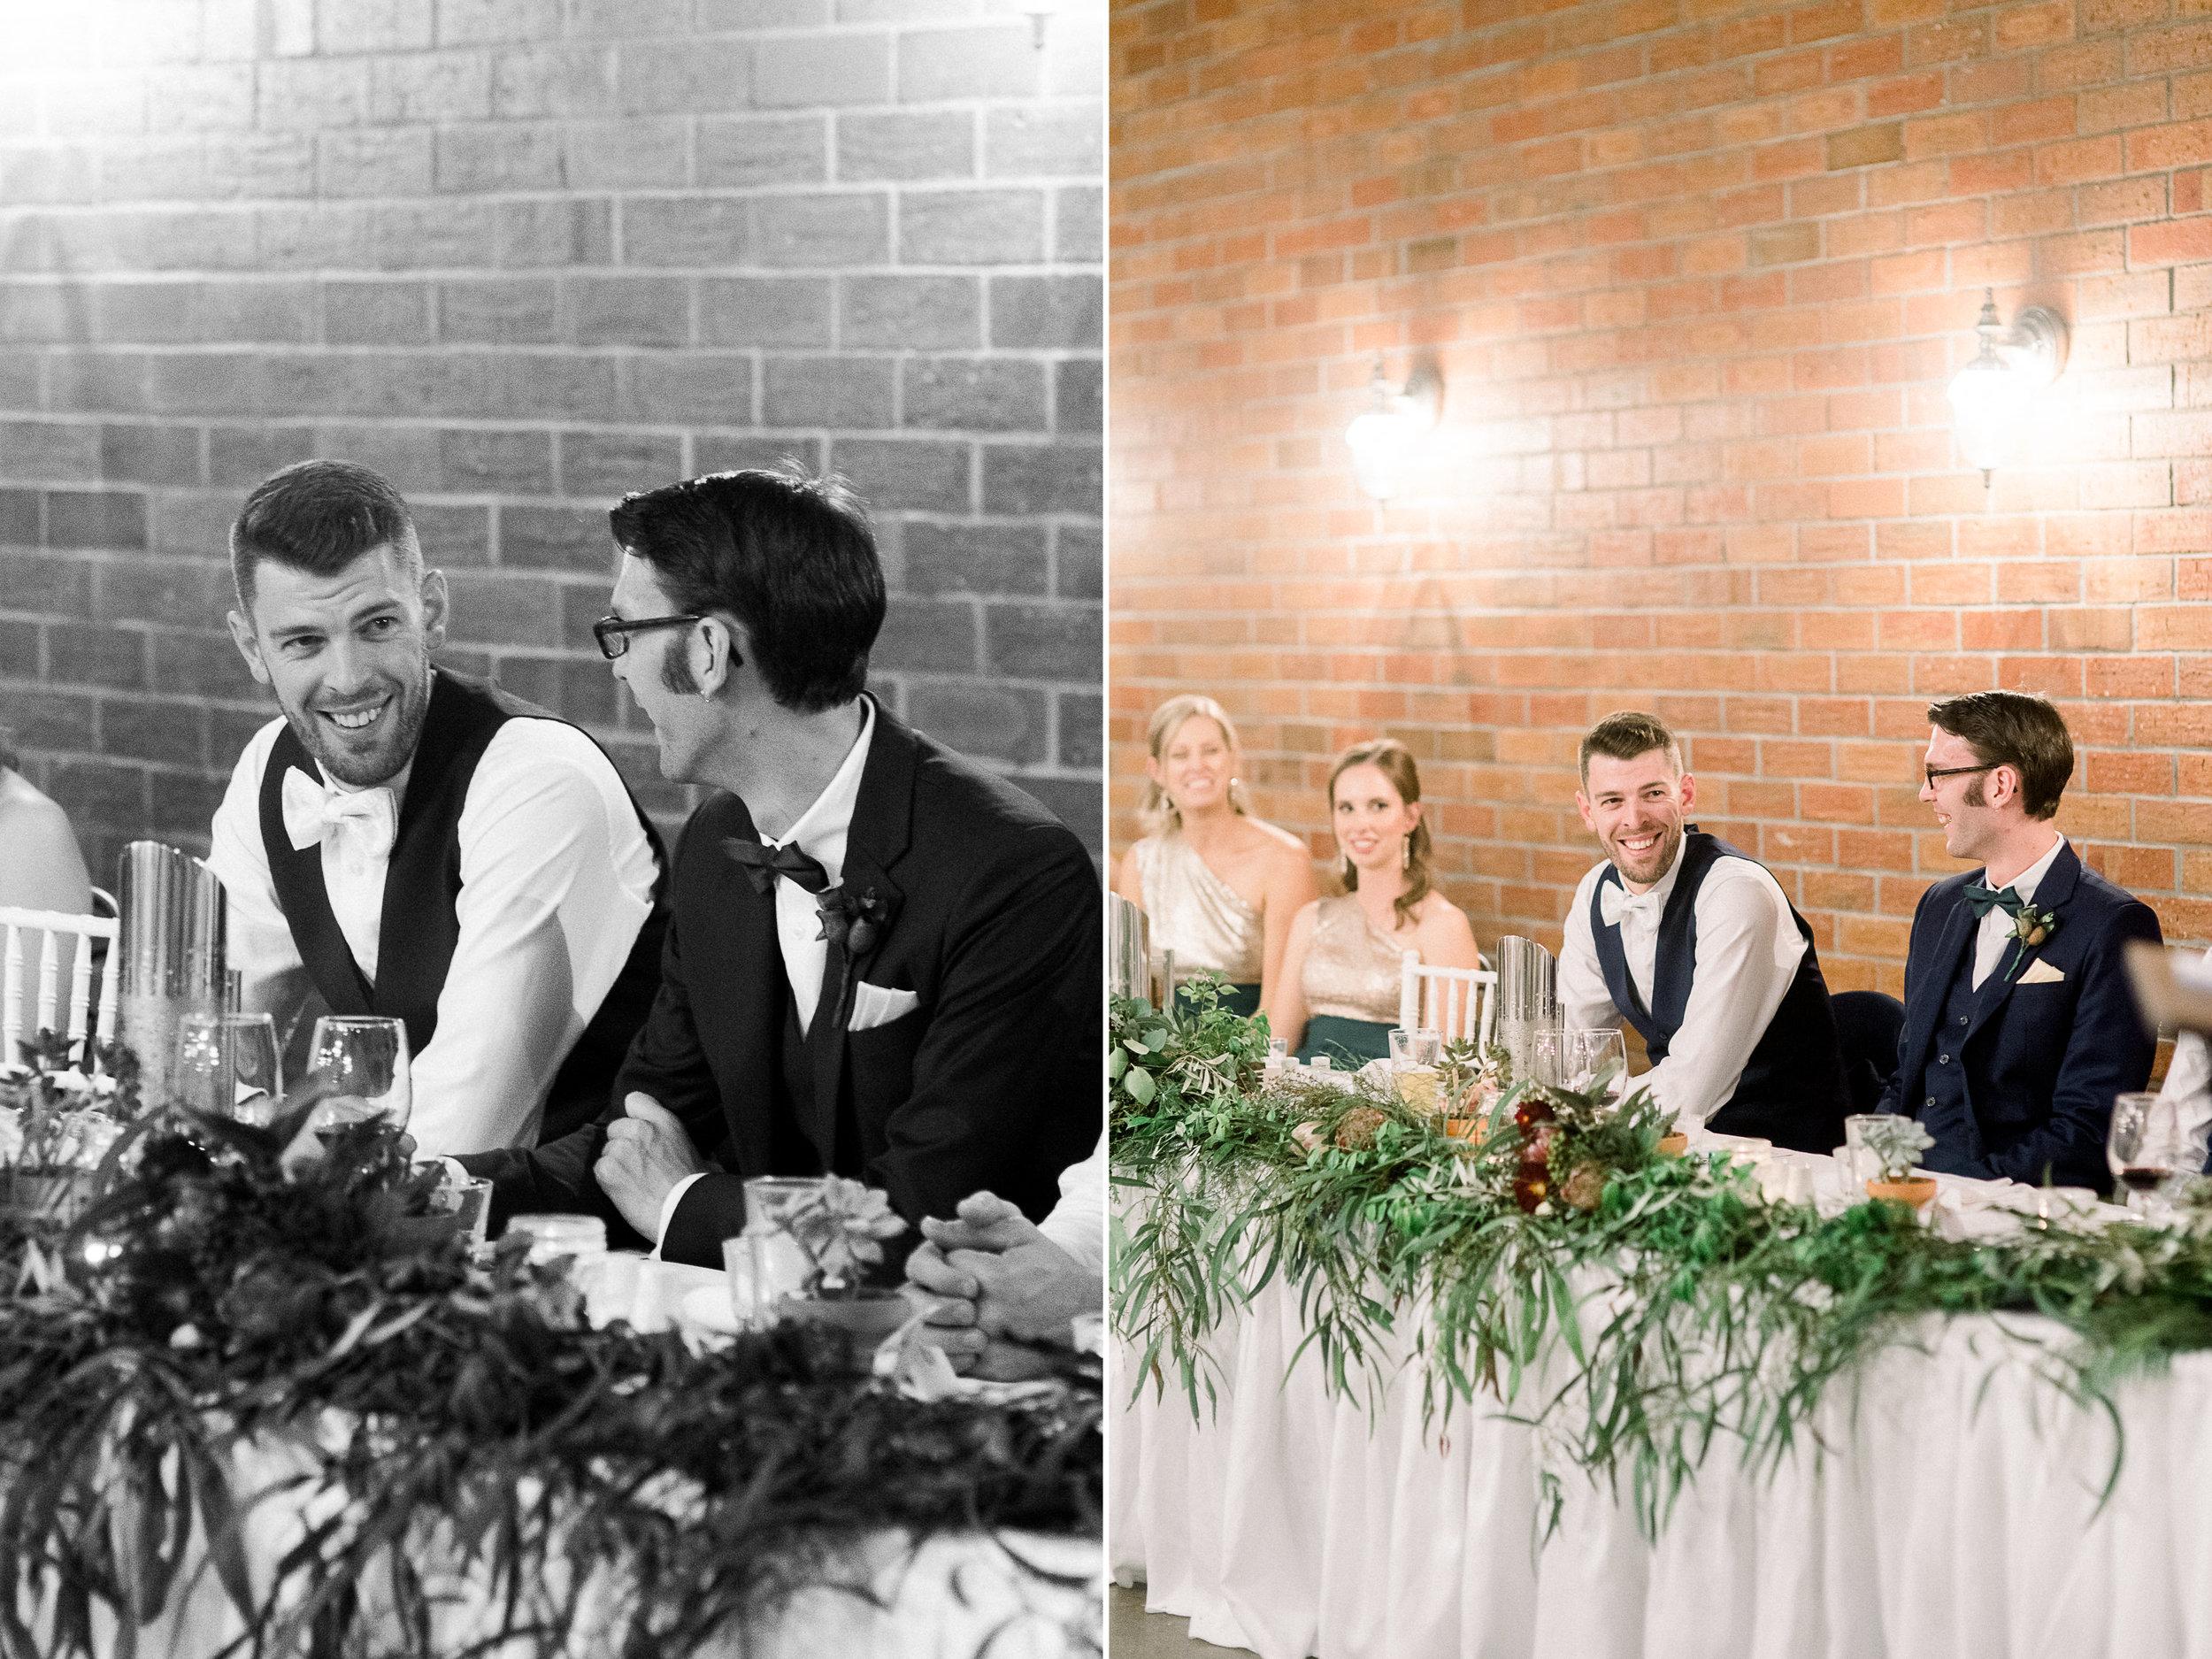 brisbane-city-wedding-loft-west-end-reception-10.jpg